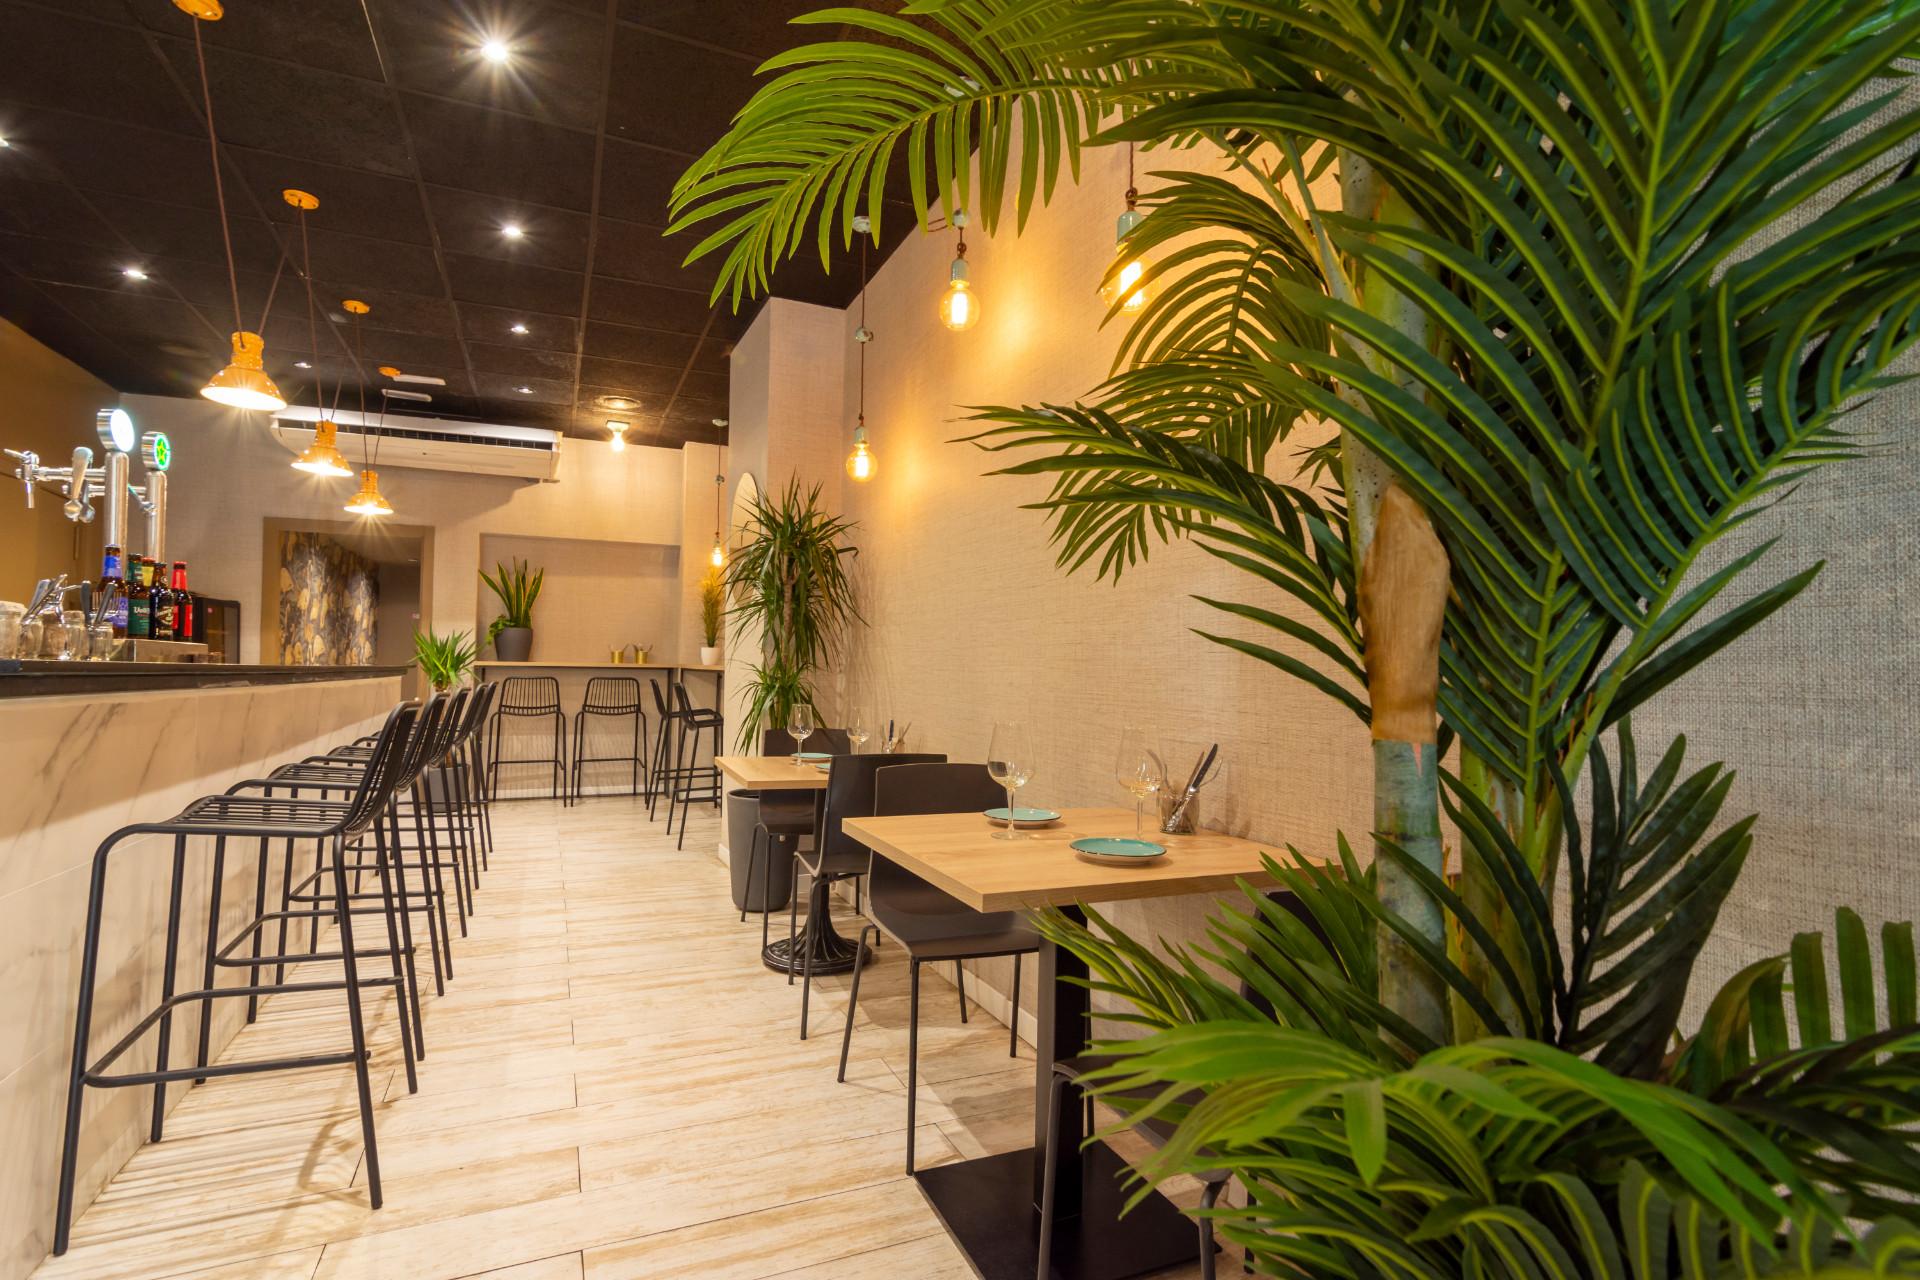 proyectos-interiorismo-interioristas-locales-comerciales-gastronomia-vinotecas-enotecas-restaurantes-bares-vinomio-gastrowine-valencia-3